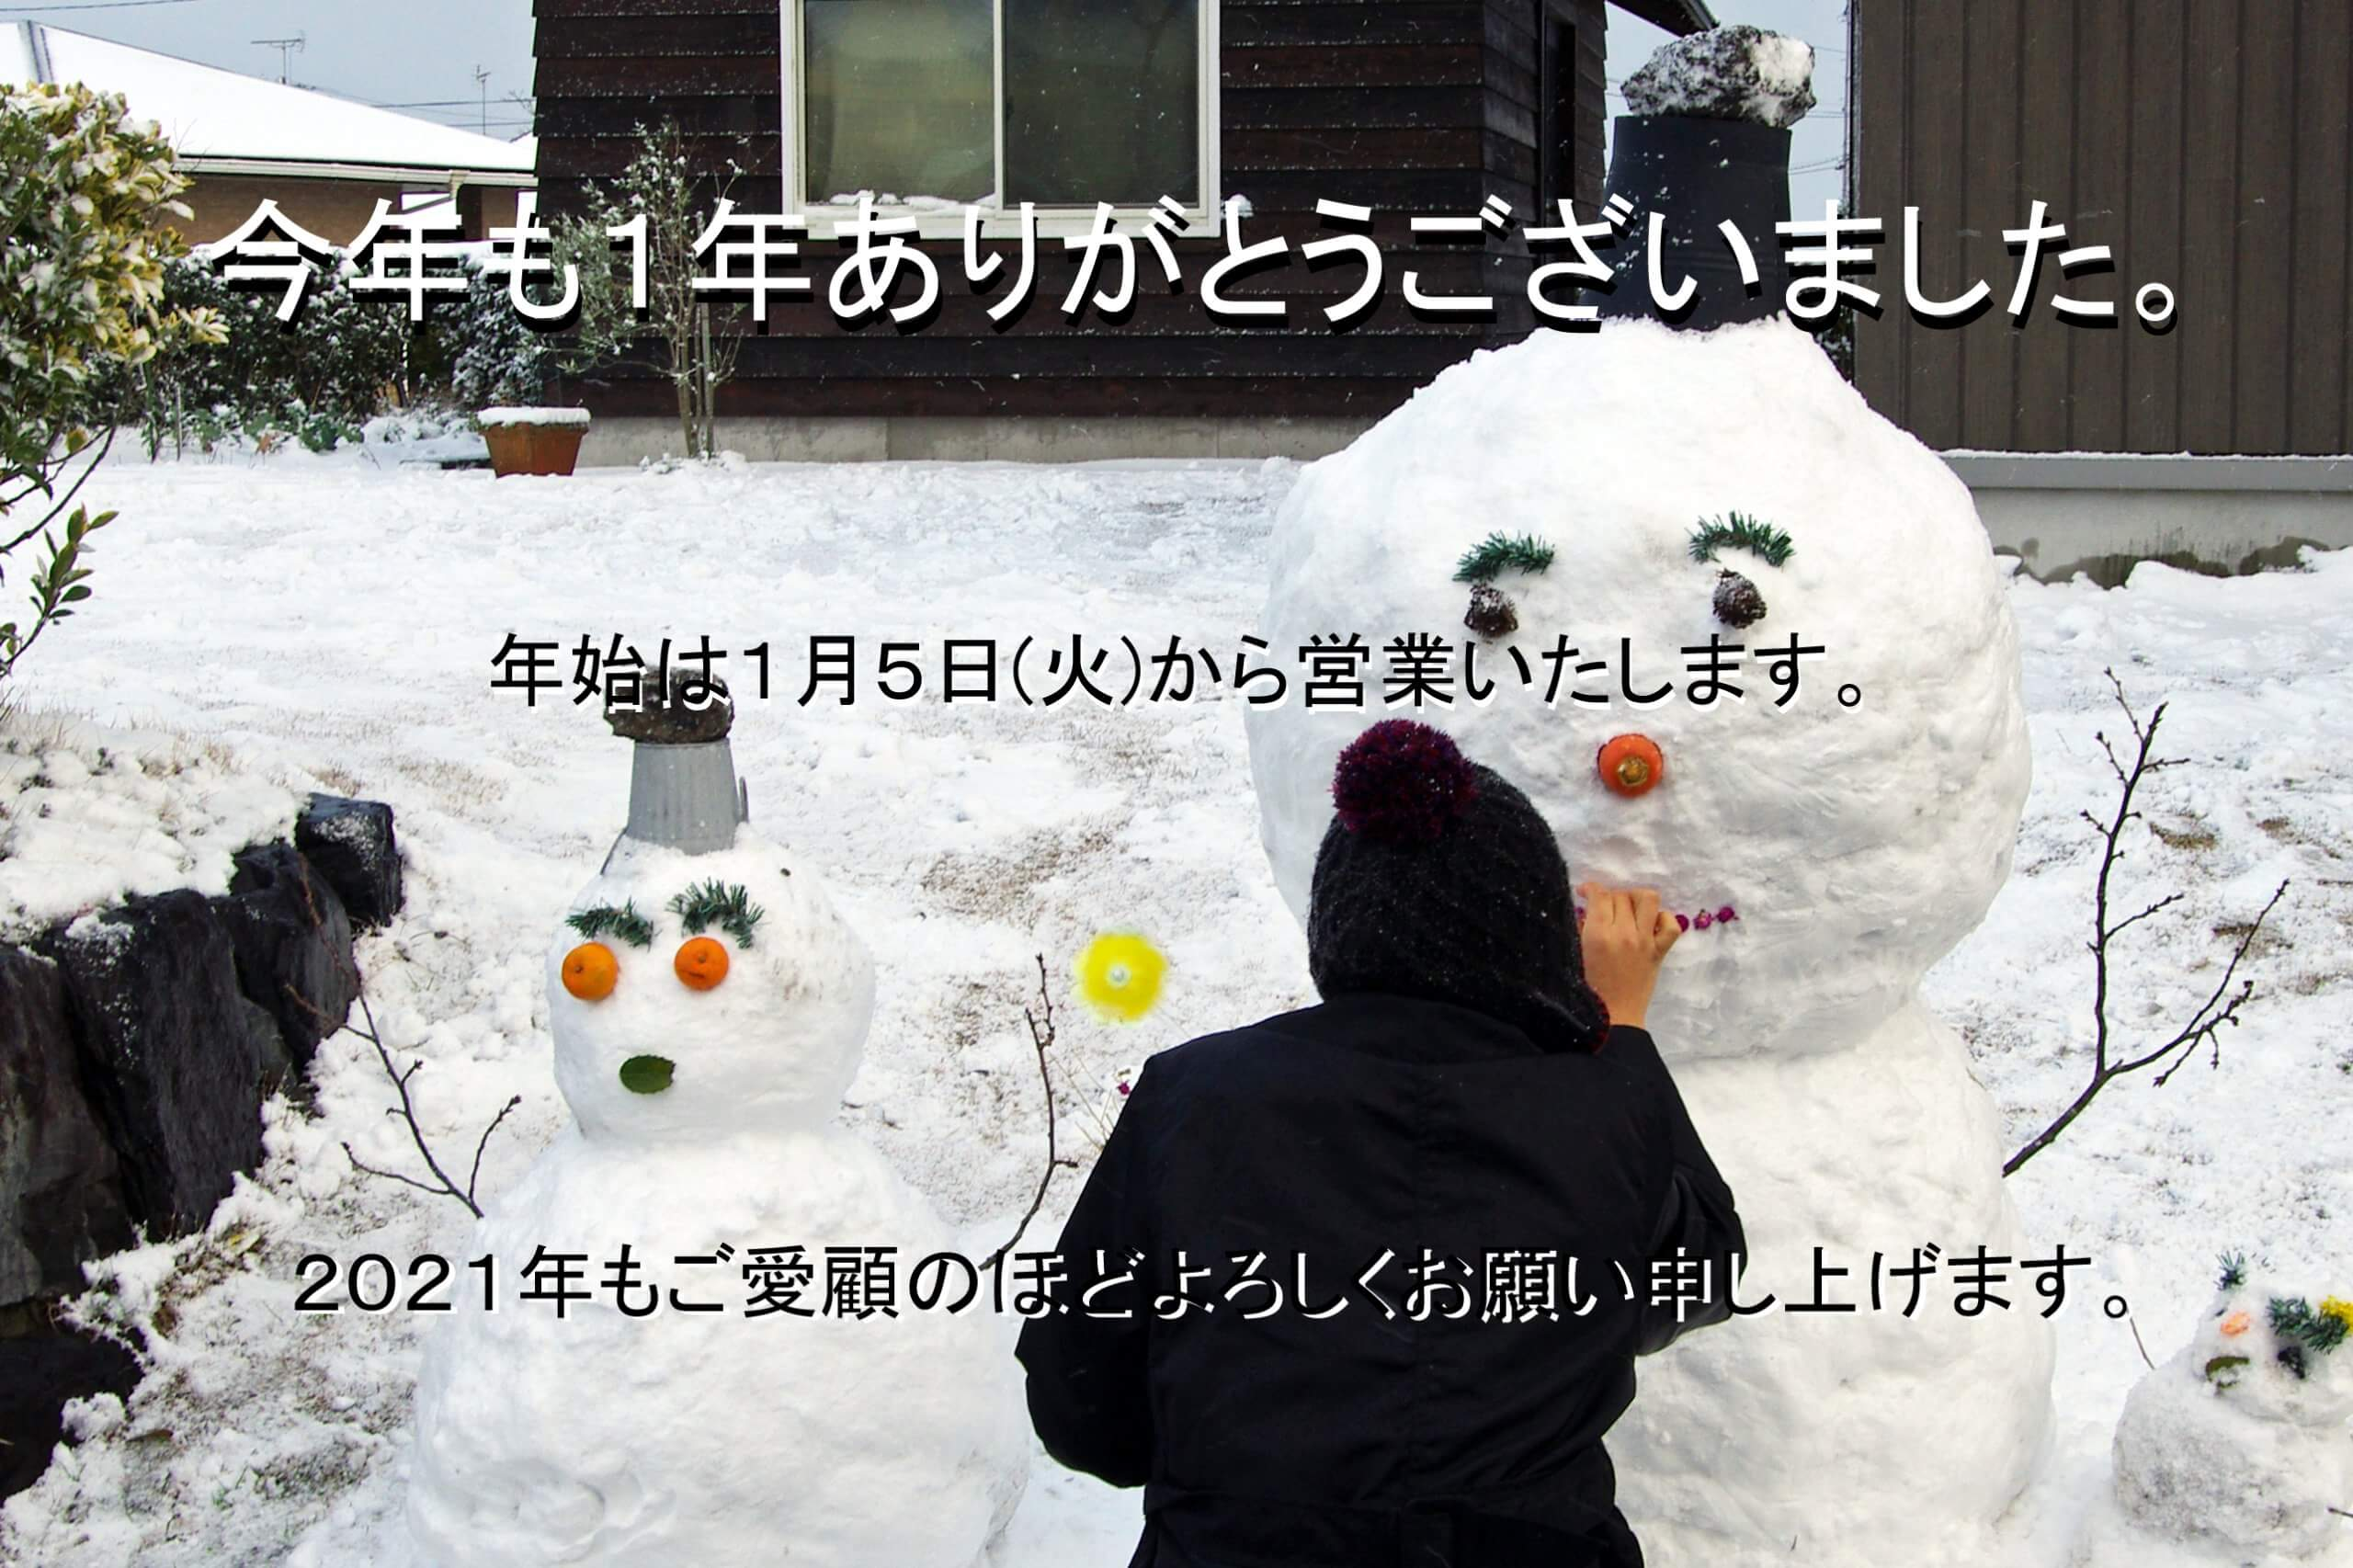 鹿屋/志布志/大隅/木の家/工務店/新越建設/しんこしけんせつ